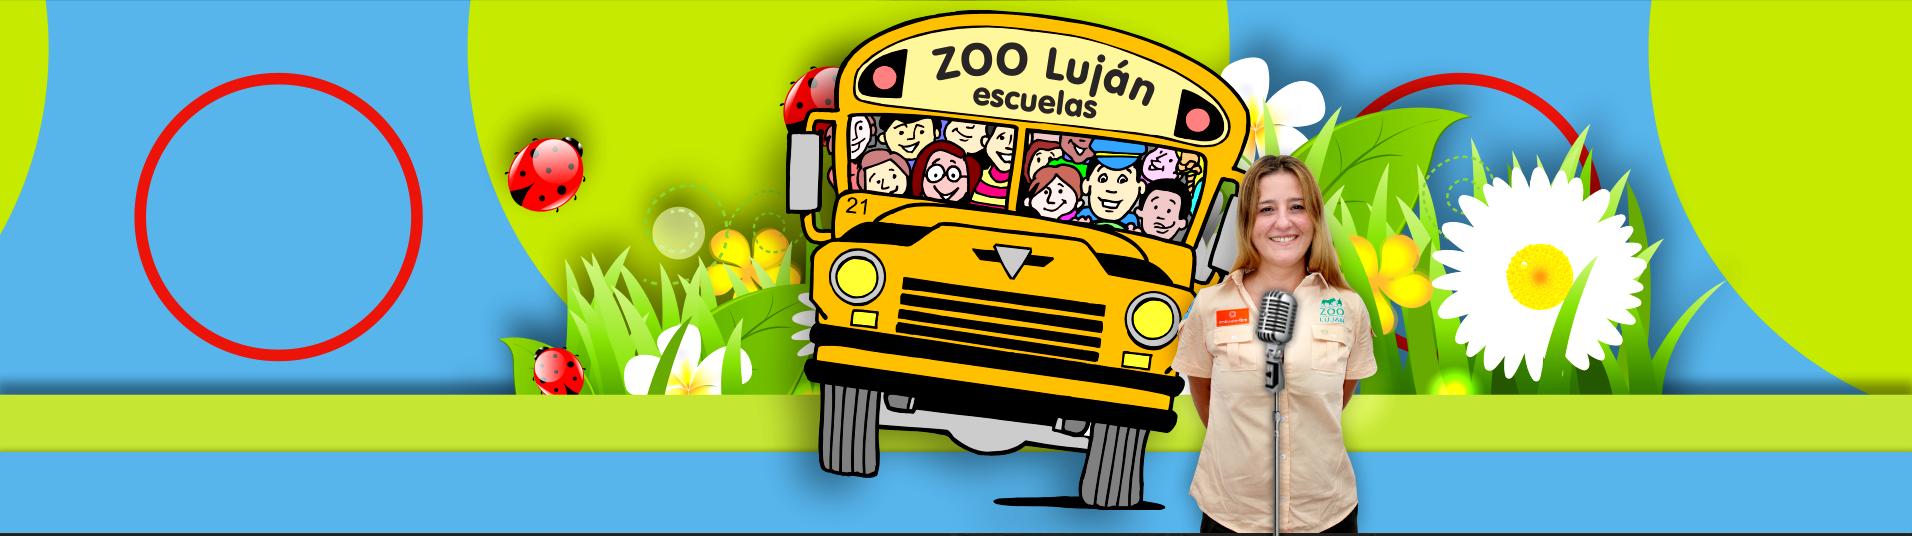 El ZOO va a la escuela